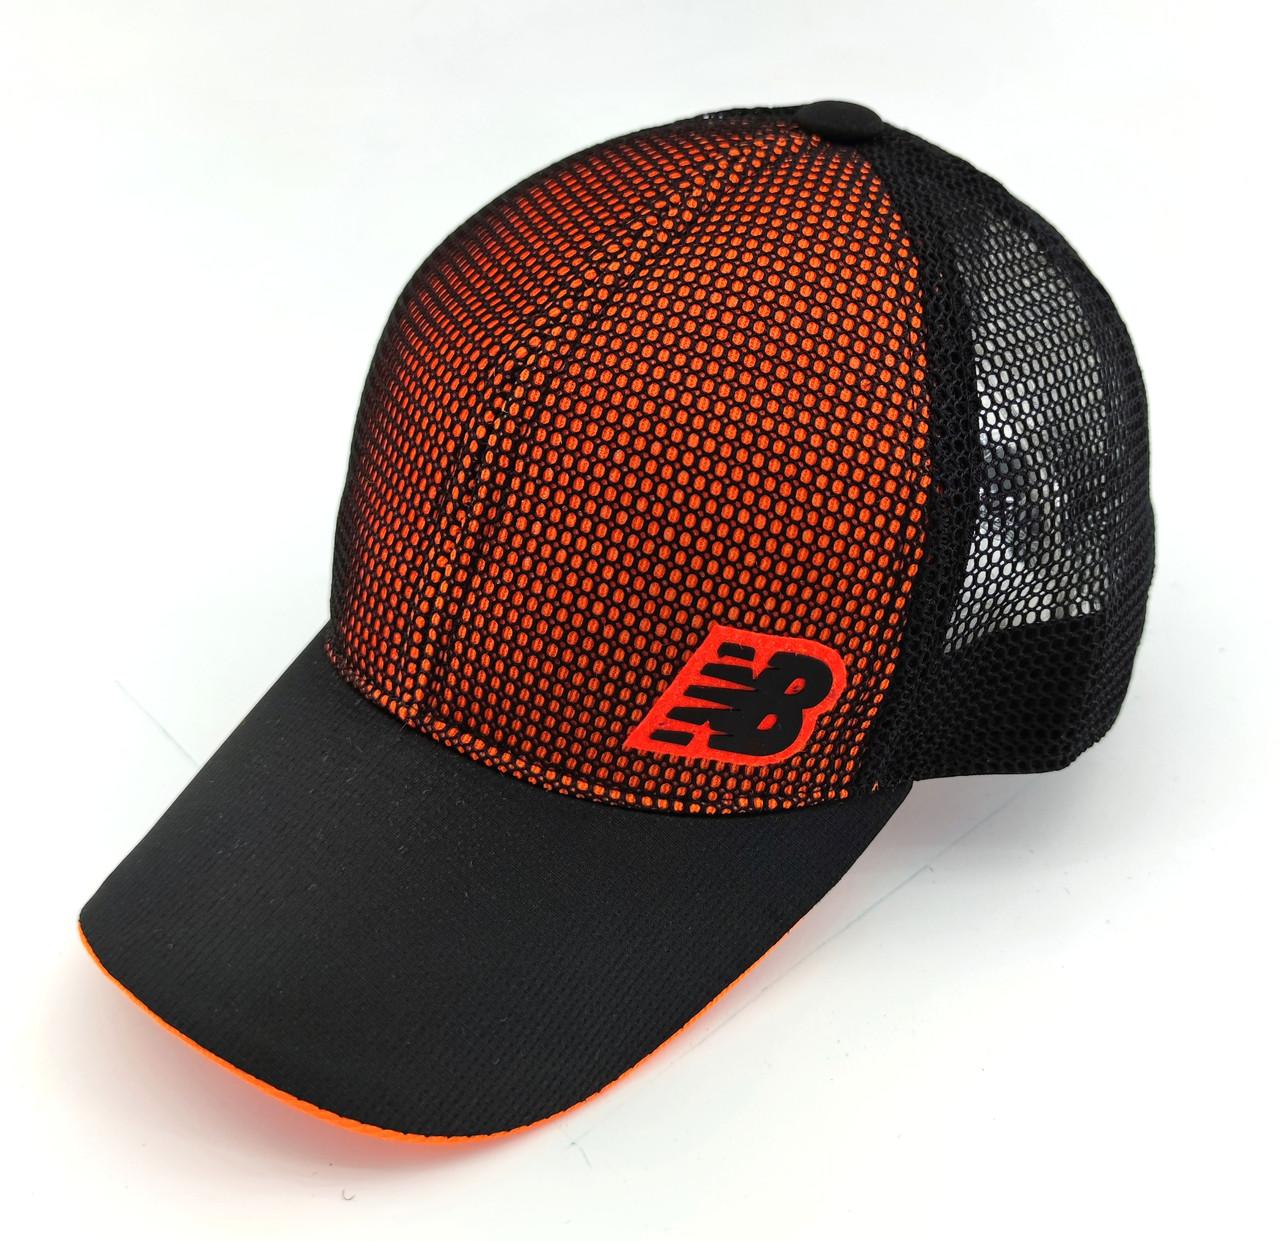 Бейсболка мужская кепка с 54 по 58 размер на маленькую голову бейсболки мужские с сеткой летняя